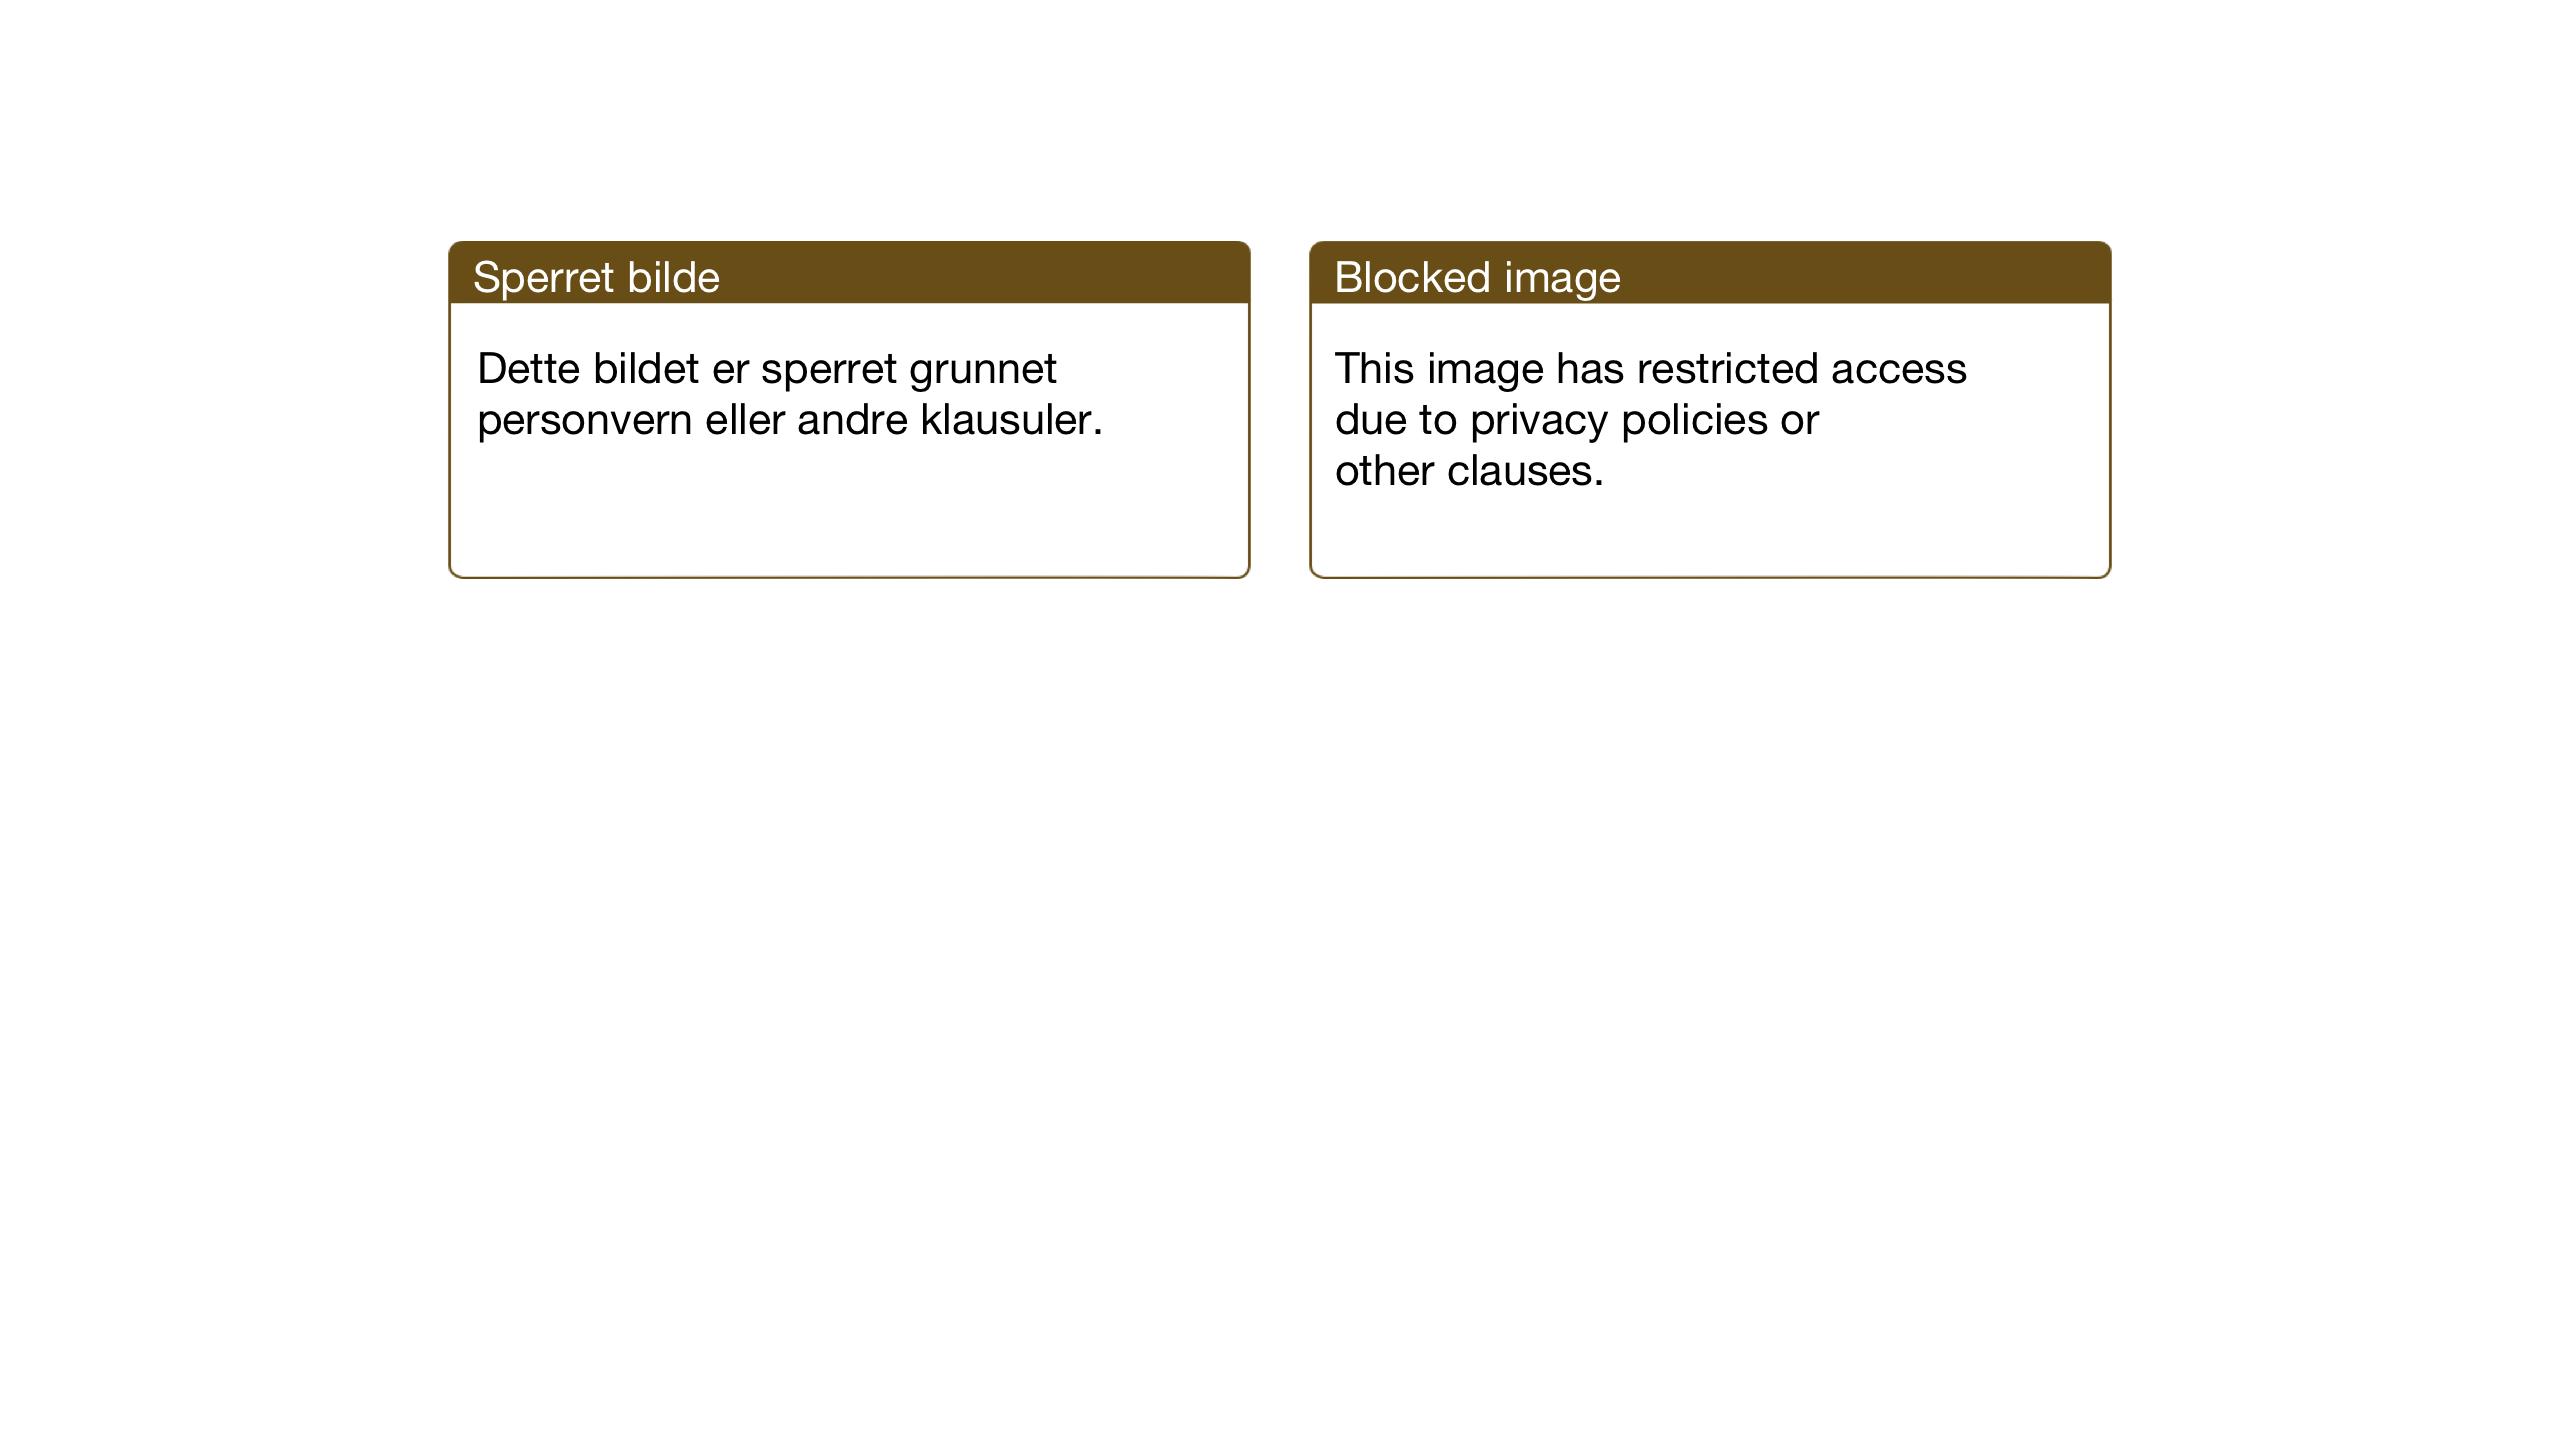 SAT, Ministerialprotokoller, klokkerbøker og fødselsregistre - Sør-Trøndelag, 655/L0678: Ministerialbok nr. 655A07, 1861-1873